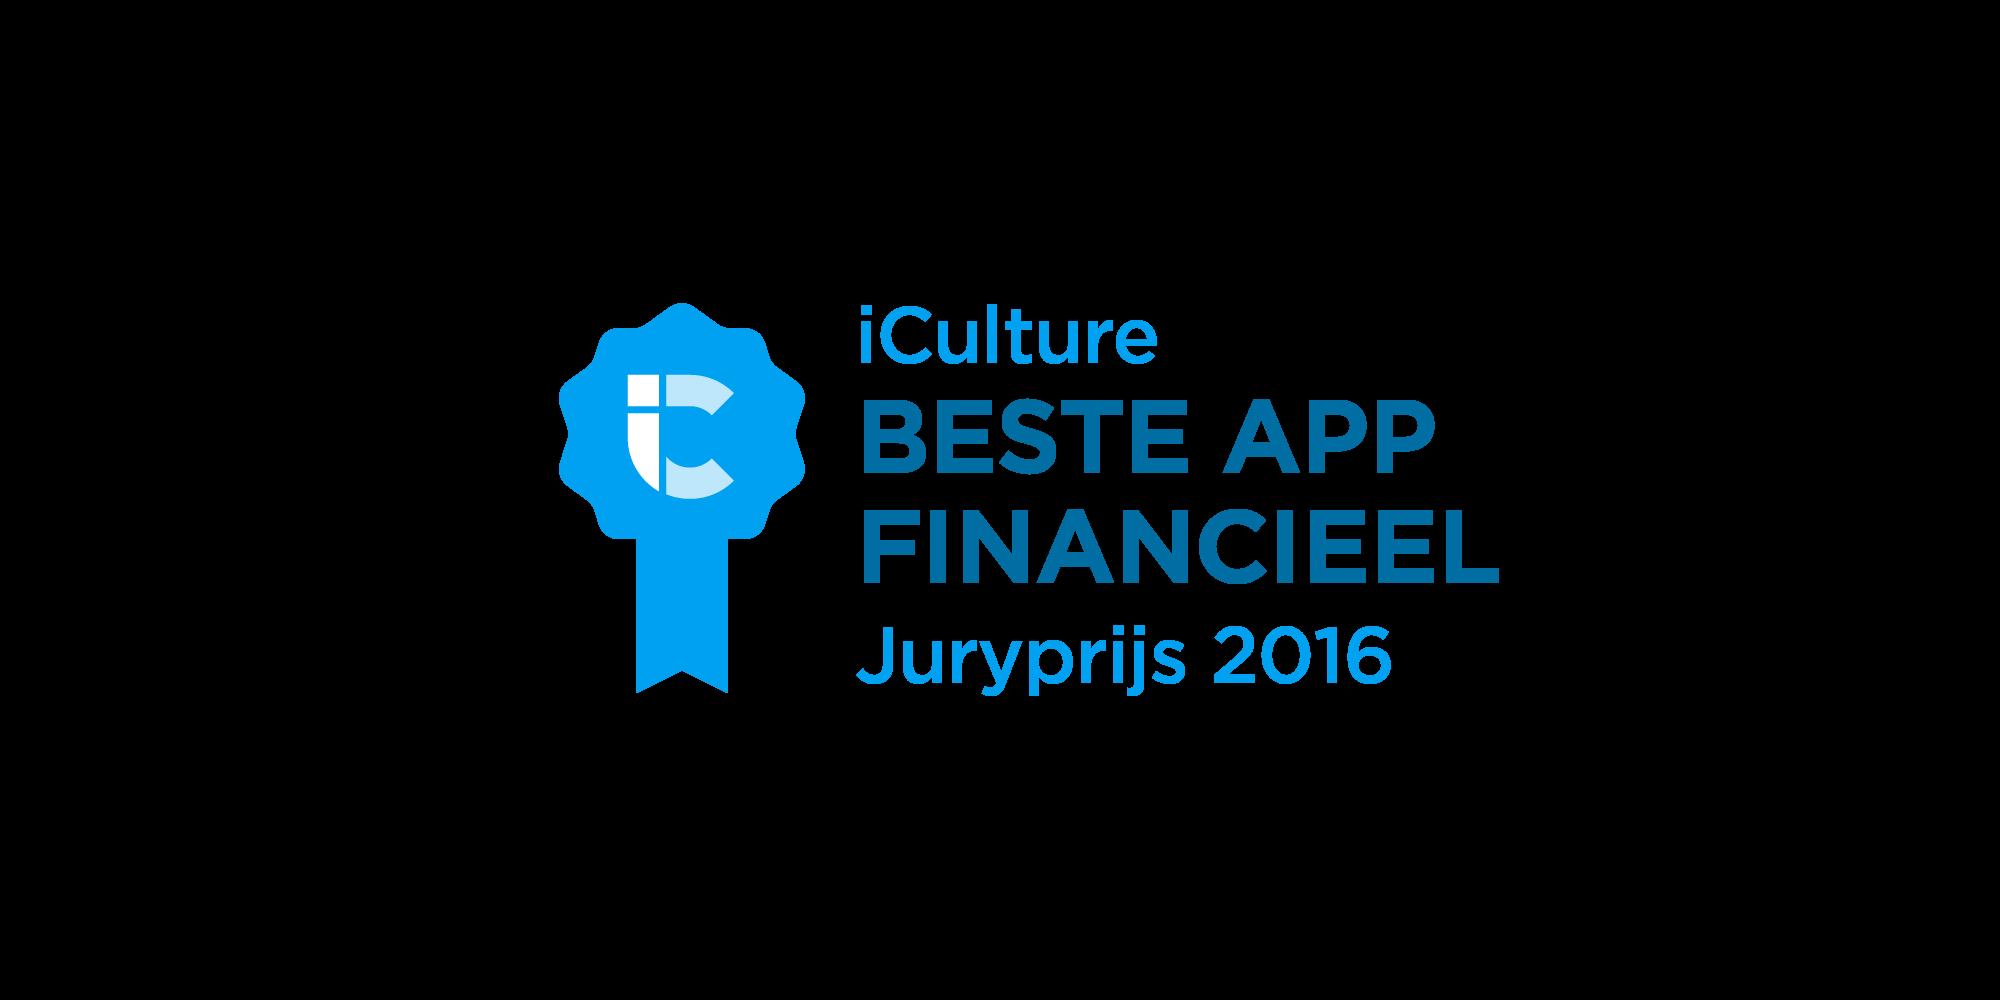 iCulture Beste App Financieel 2016